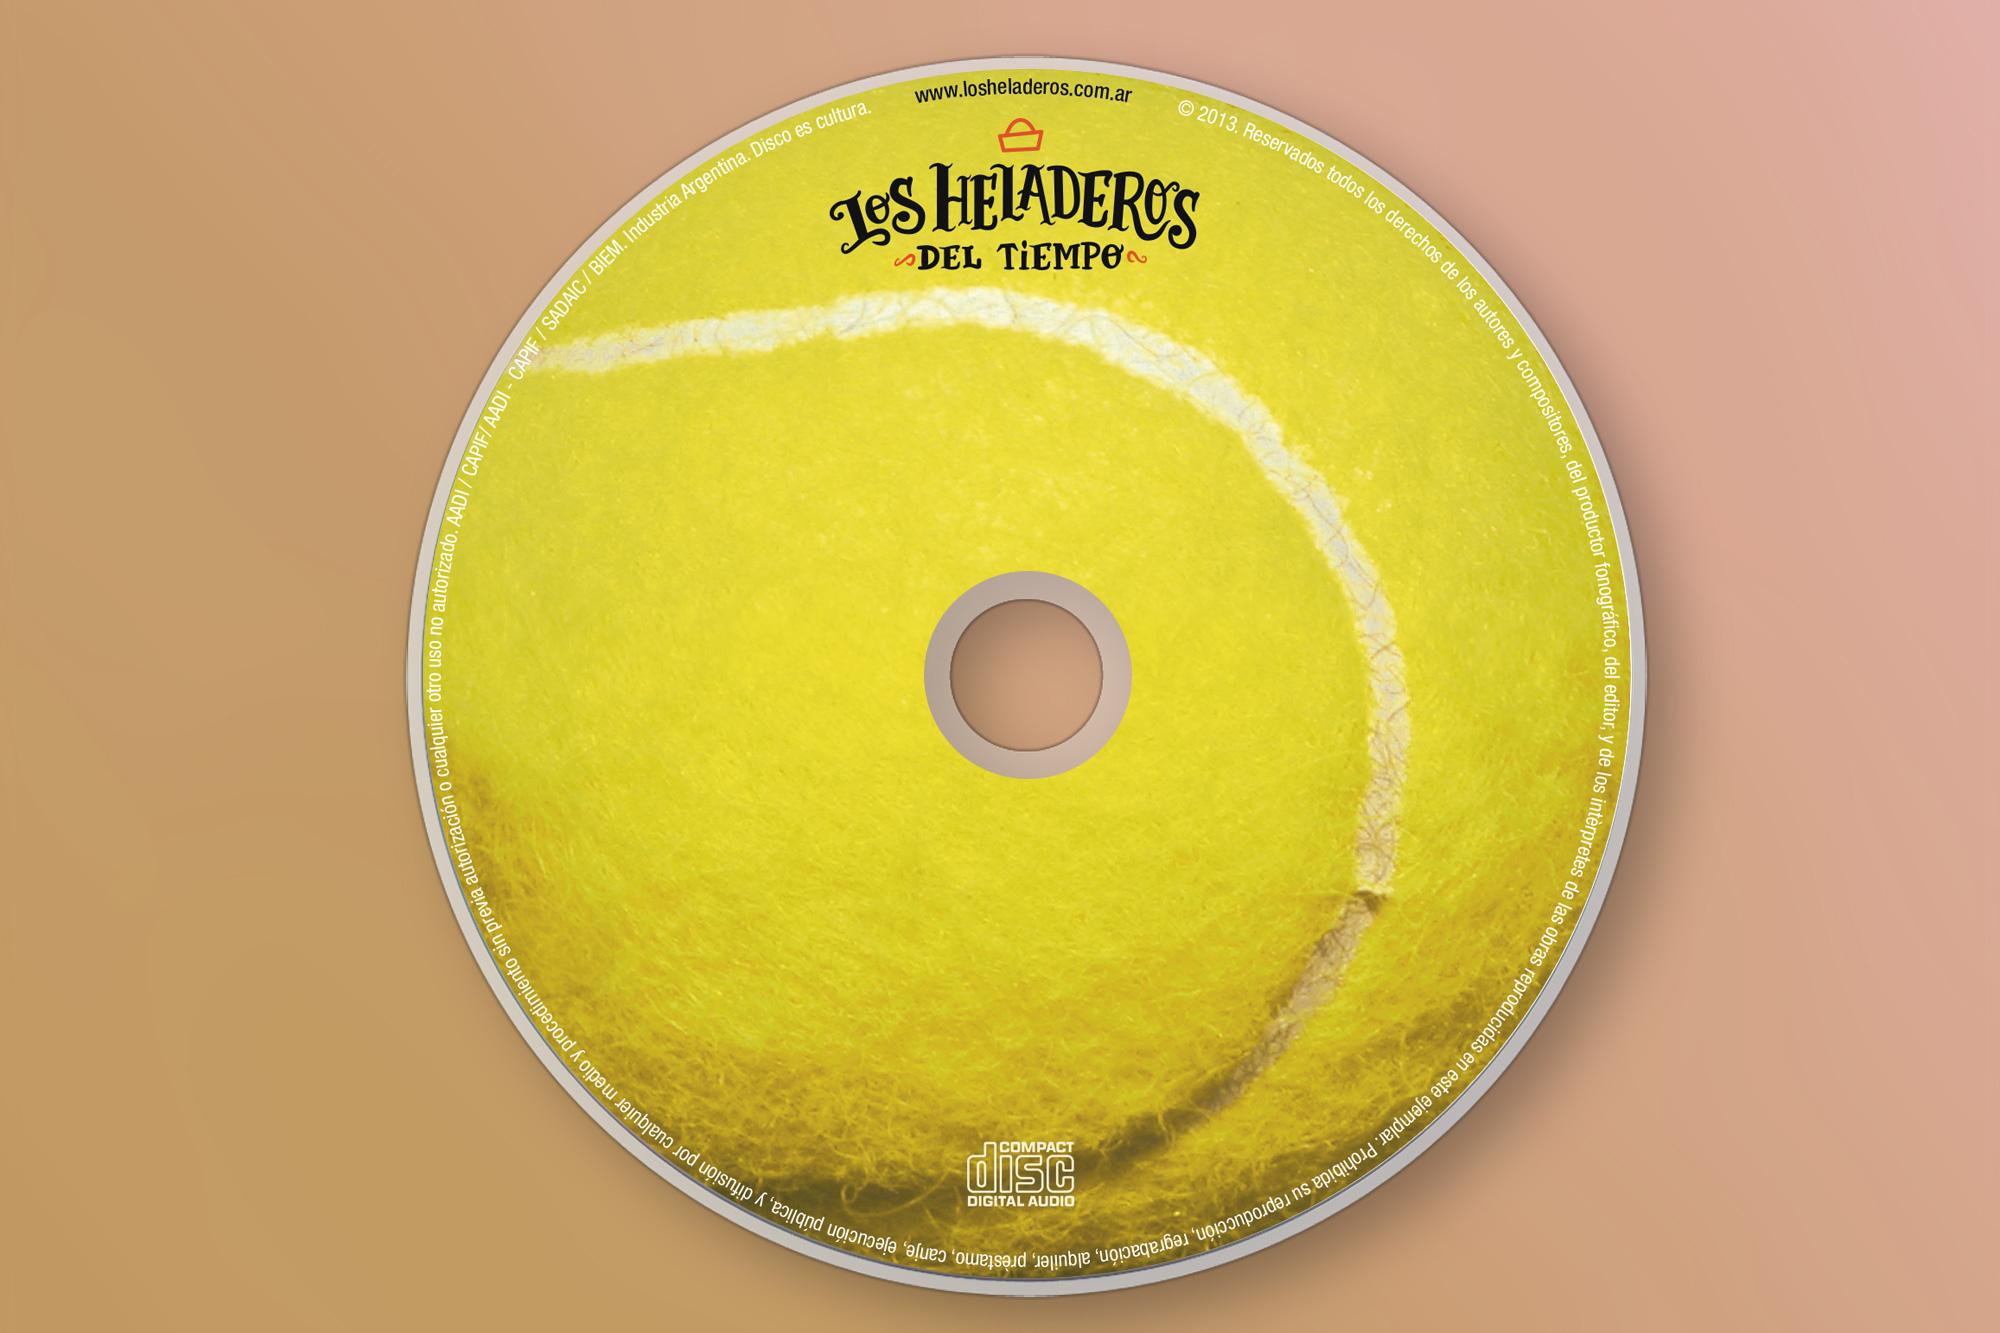 LOS-HELADEROS-DE-TIEMPO-HOY-EP-CD